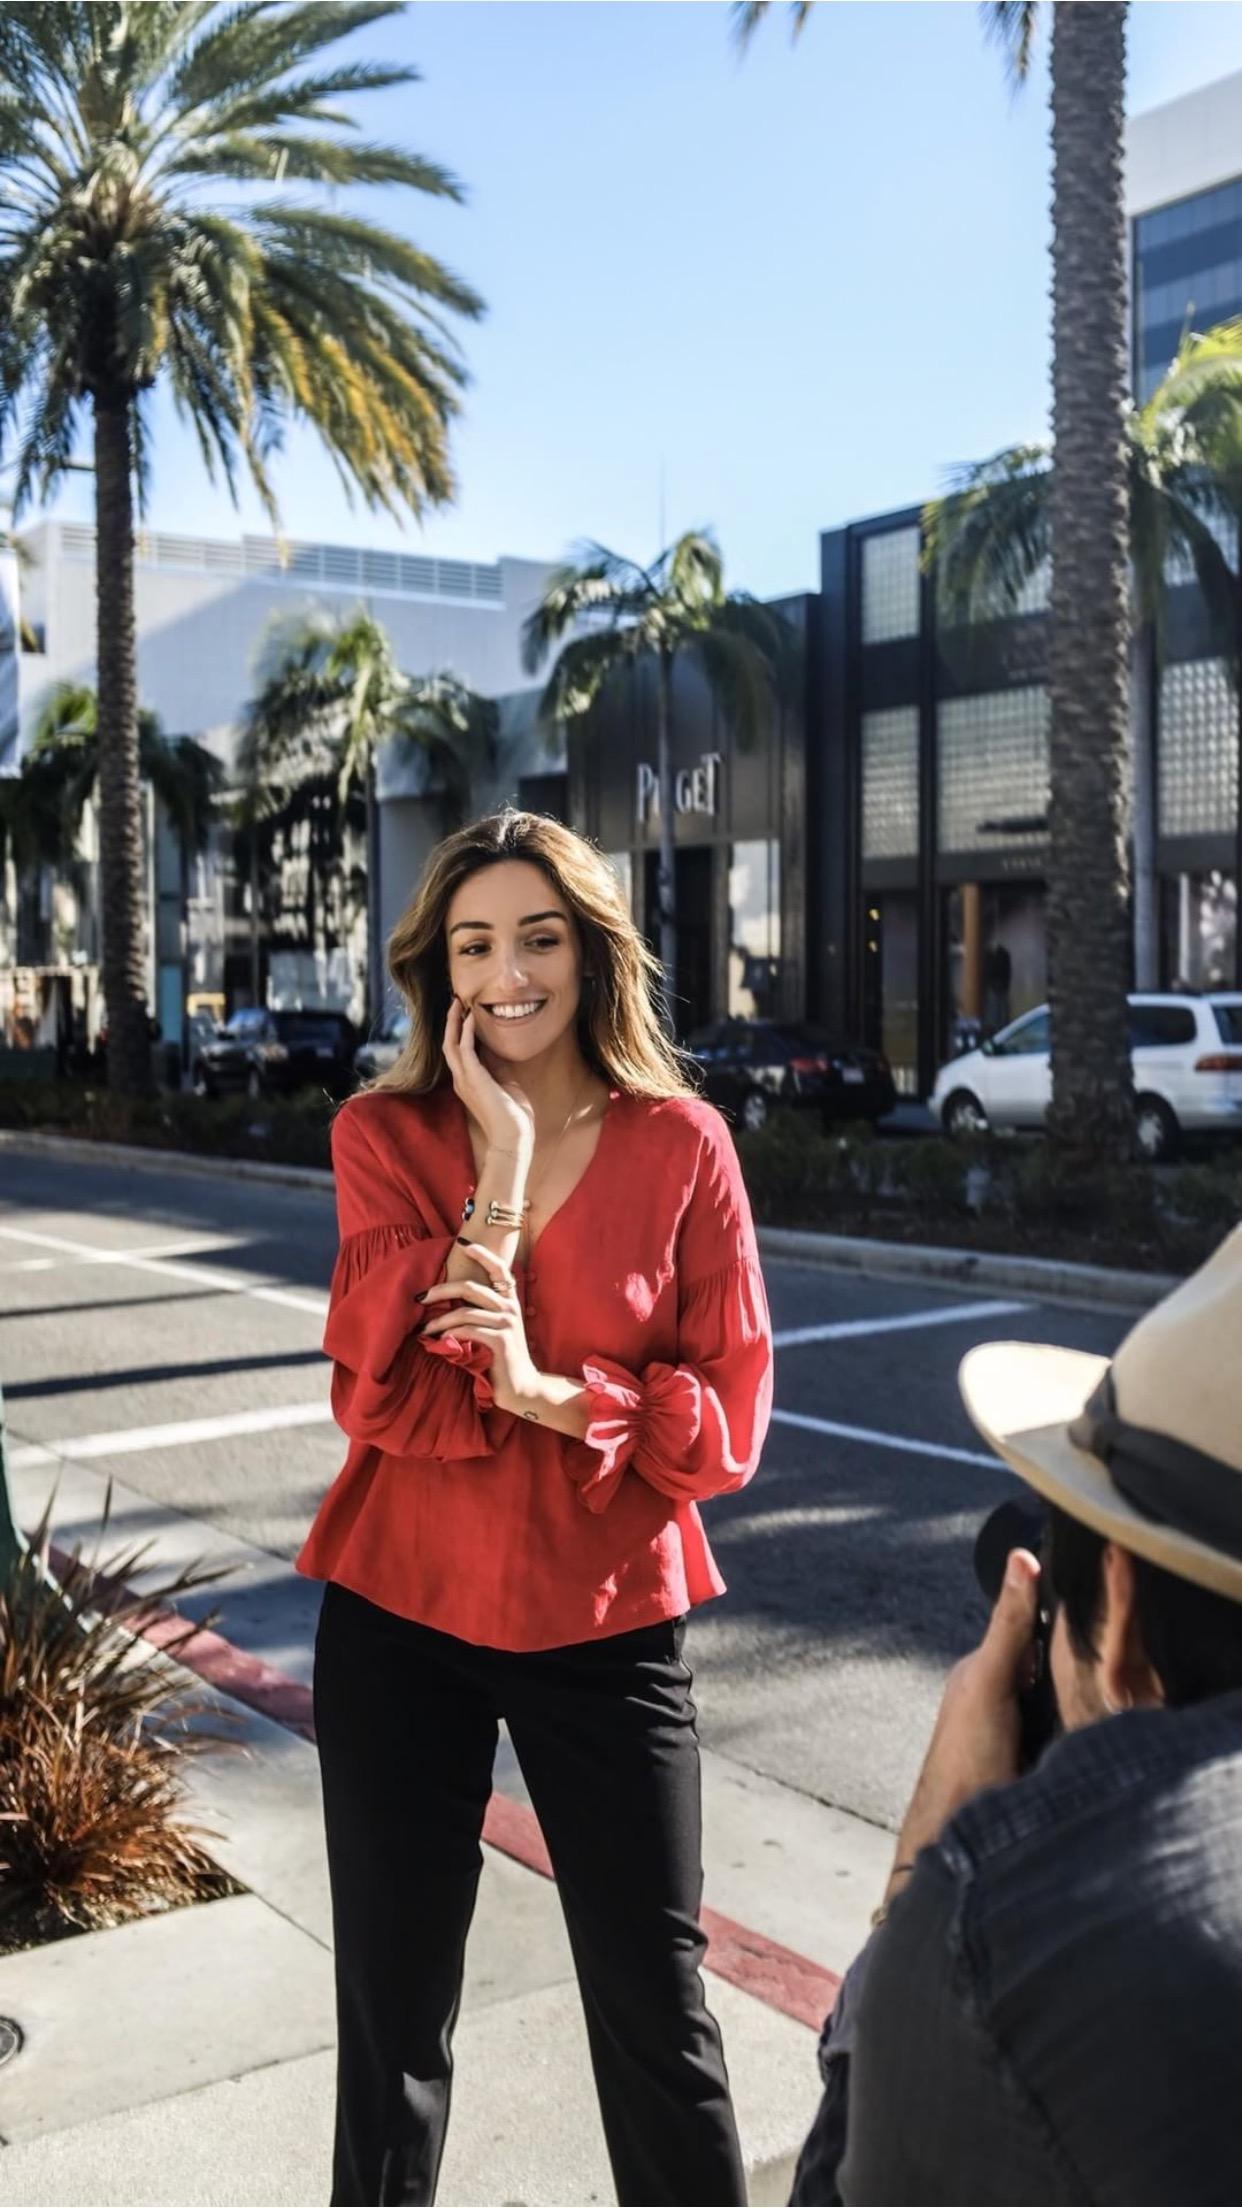 Kenza-Los Angeles-2018-292